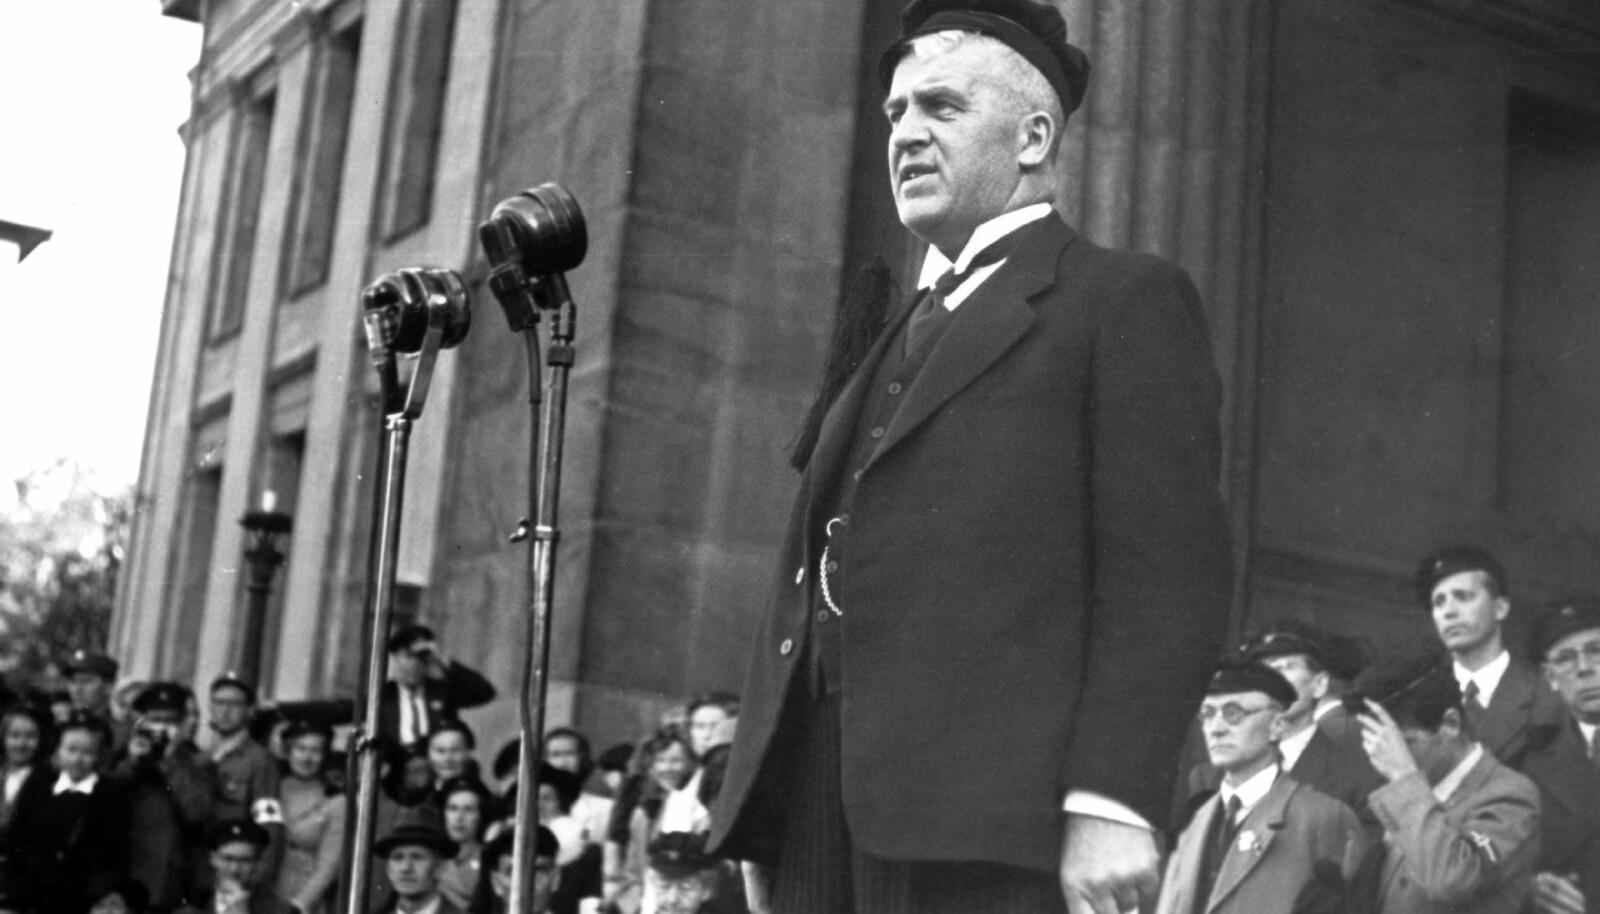 Norske studenter kom tilbake fra tyske konsentrasjonsleirer 25. mai 1945 og gikk i tog til Universitetsplassen i Oslo. Rektor Didrik Arup Seip, som selv var i tysk fangenskap, talte til studentene, i anledning dagen iført en svart studenterlue.